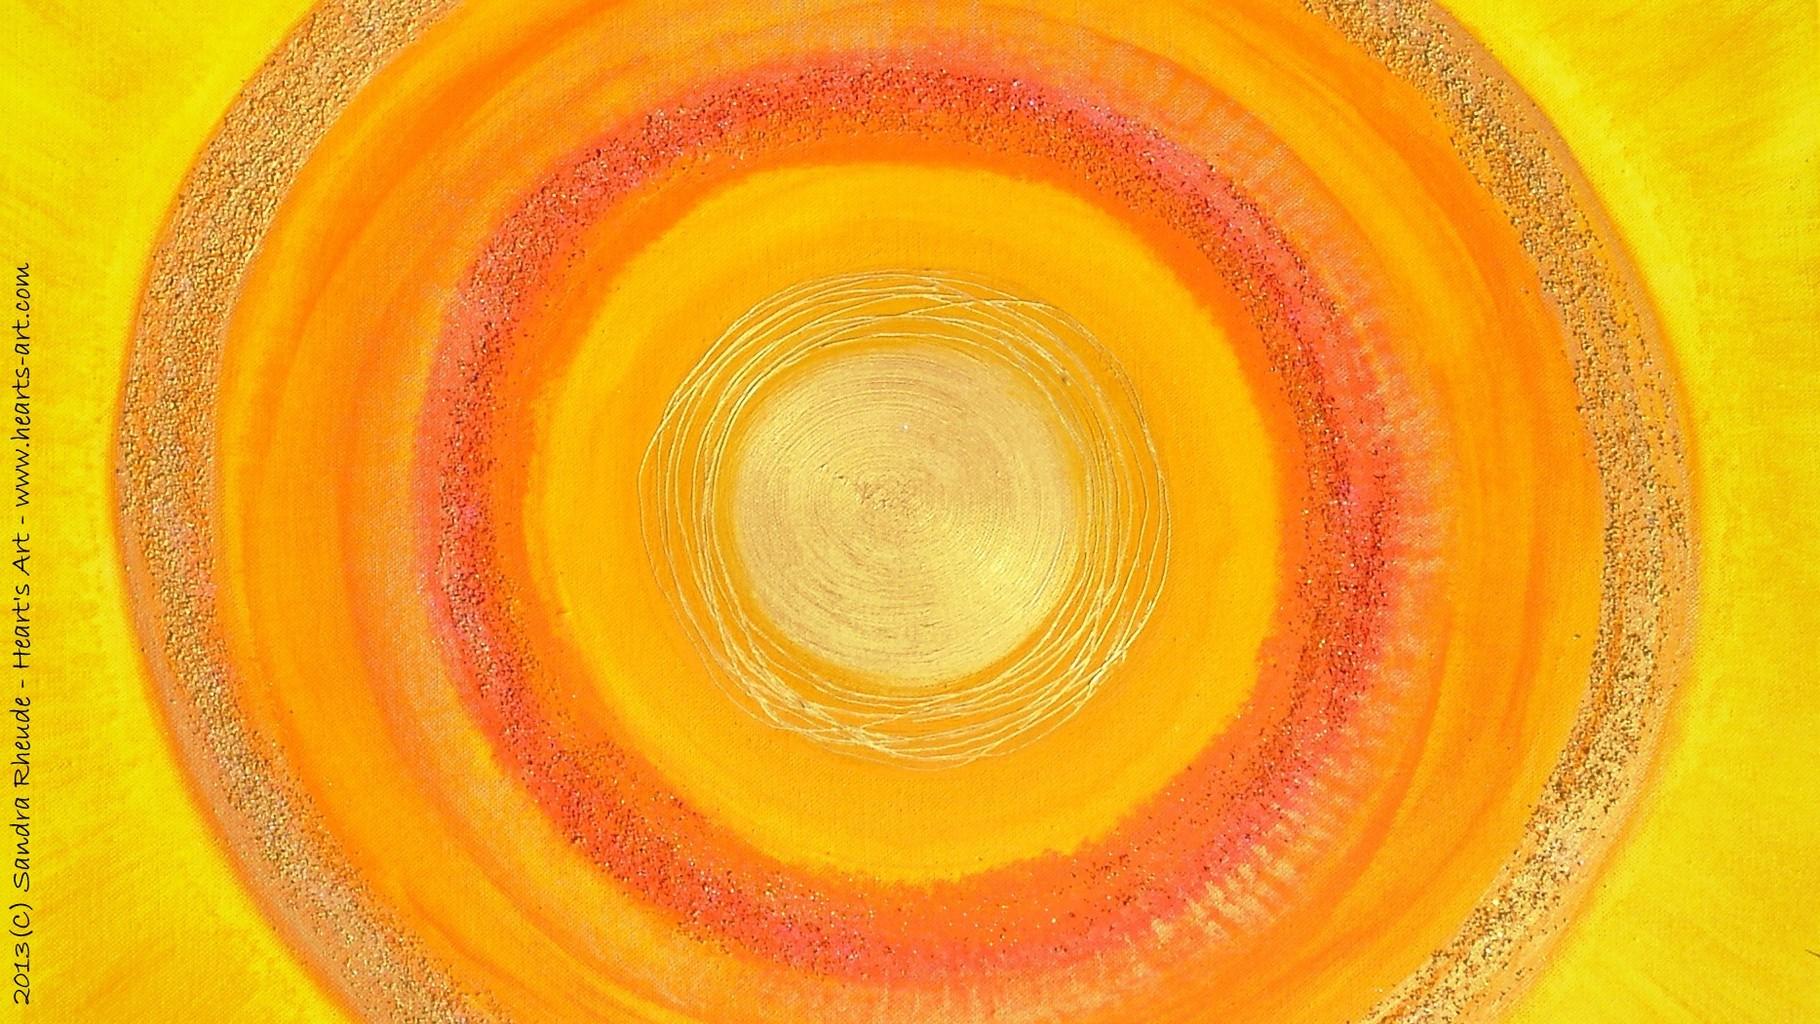 persönliches Energiebild - 70 x 50 cm